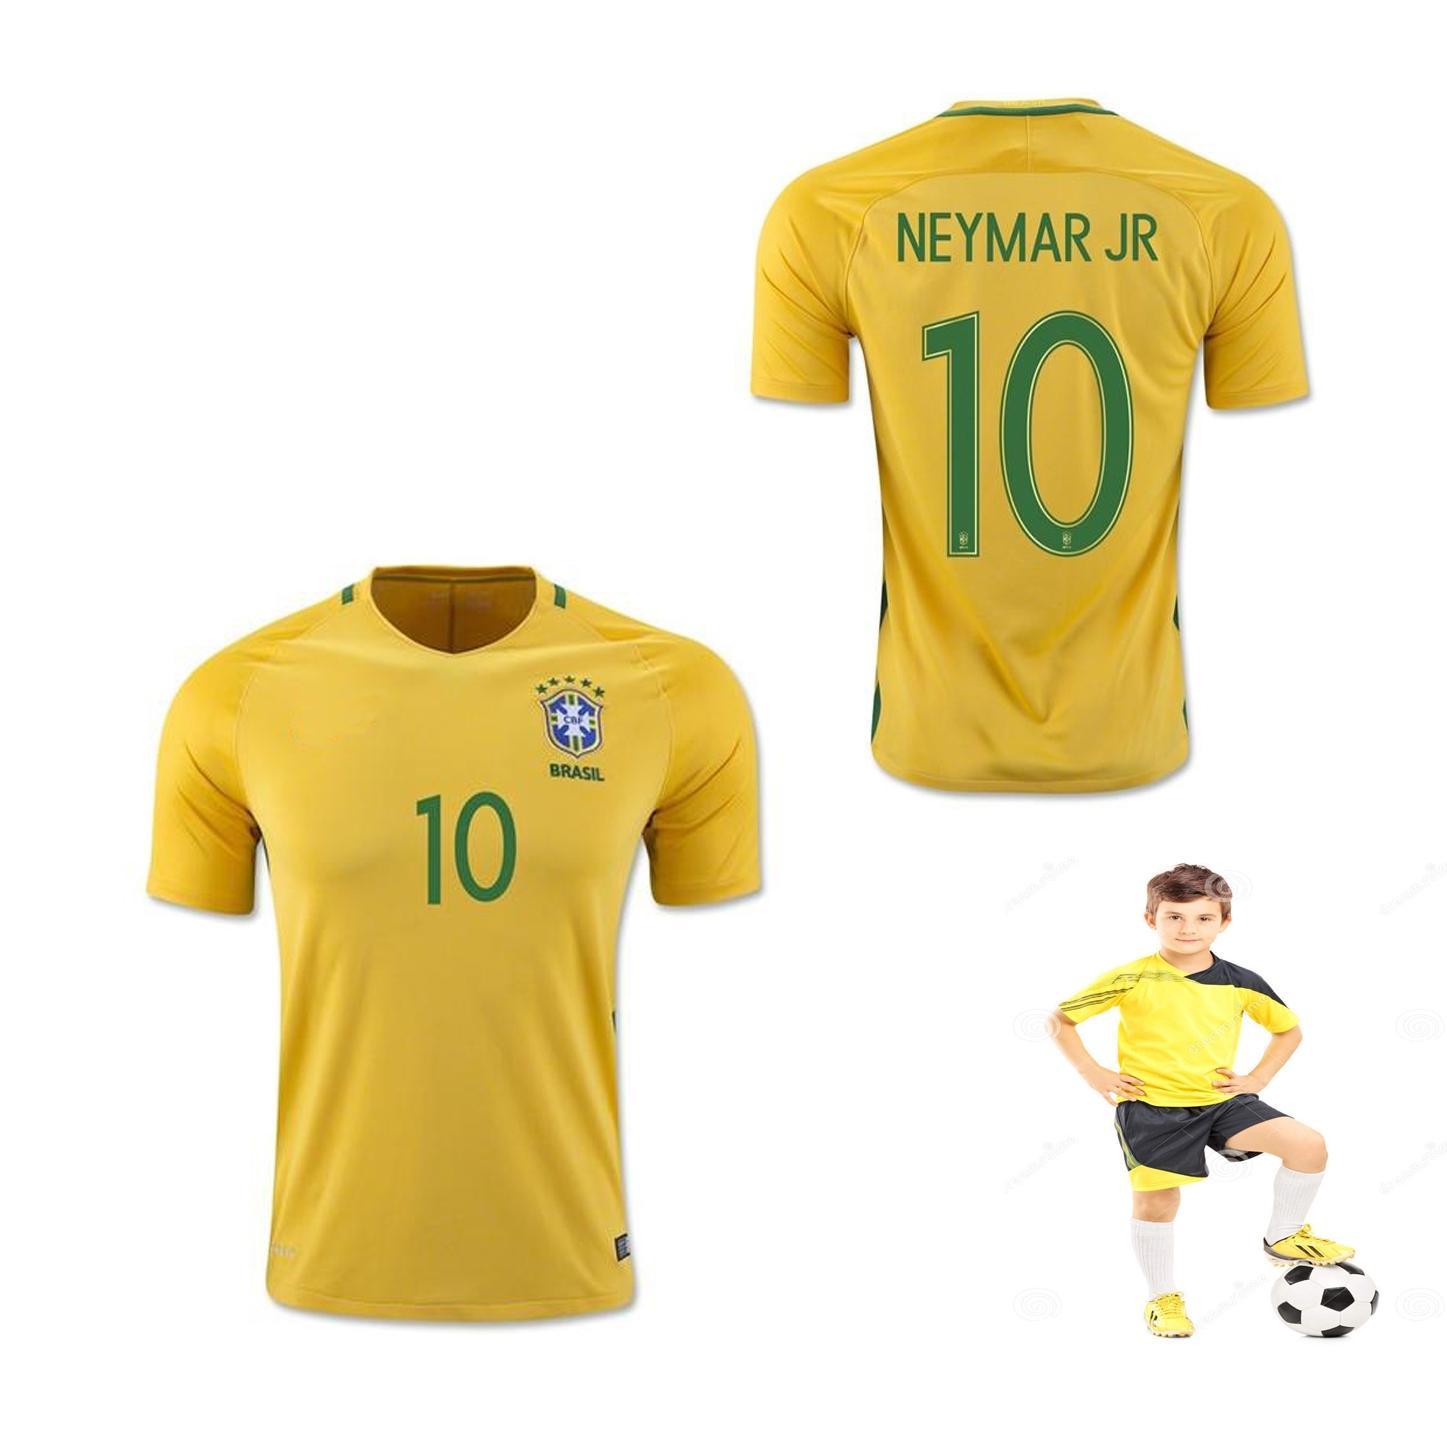 Boys\' Football Jerseys - Buy Boys\' Football Jerseys at Best Price in ...